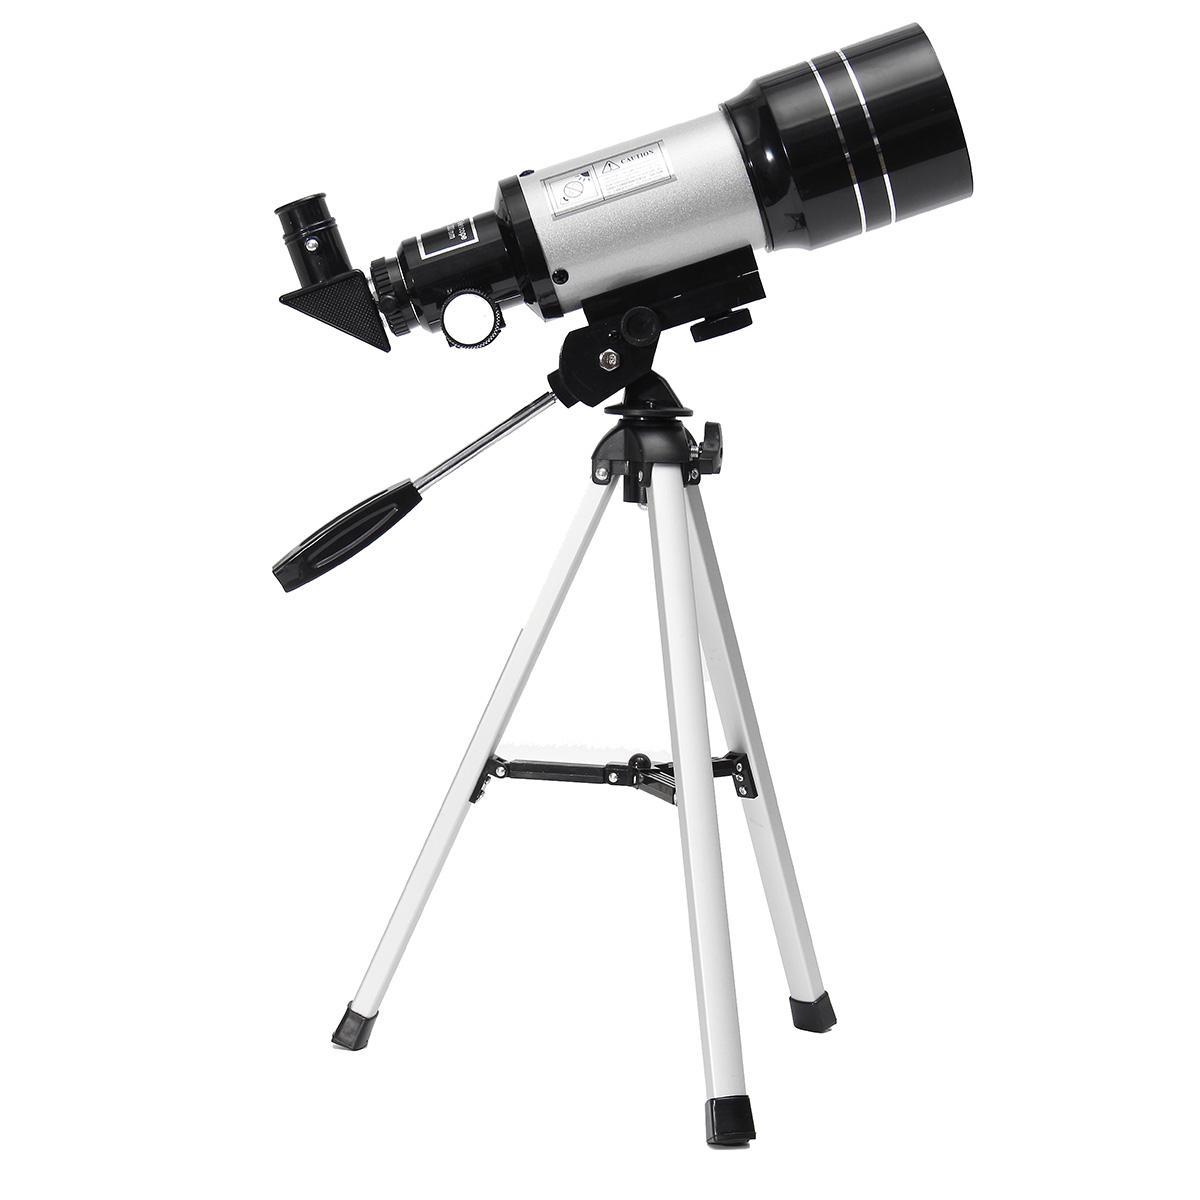 Telescopio Astronómico Terrestre De Alta Definición Monocular F30070M HD Exterior Con Trípode